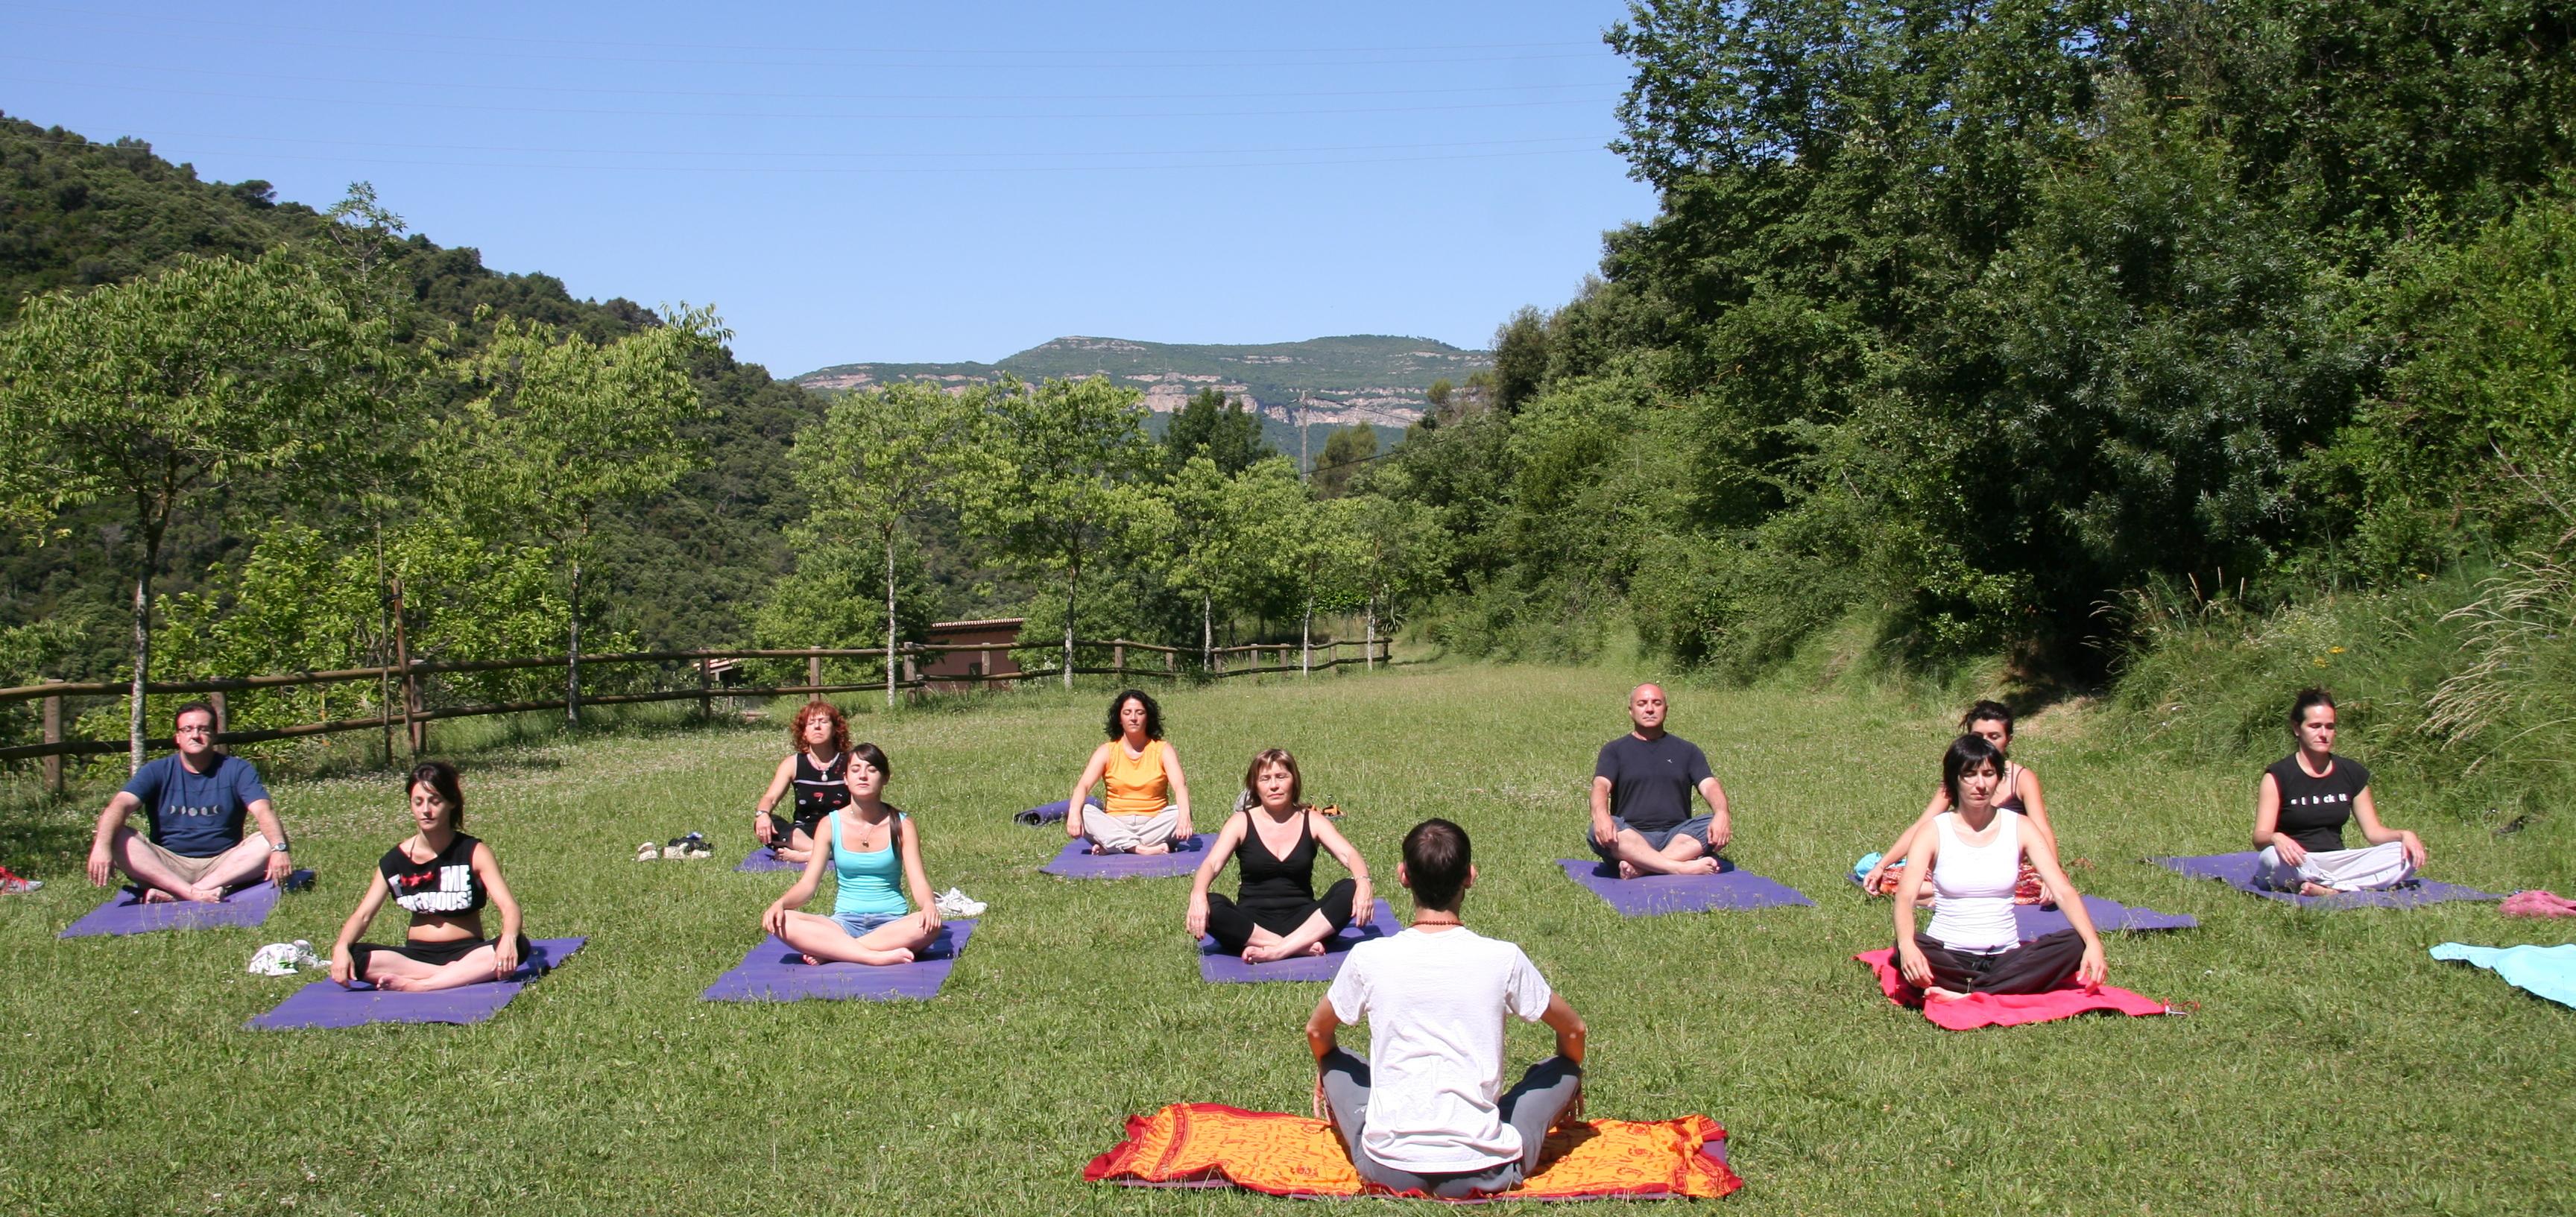 beneficios de practicar deporte al aire libre